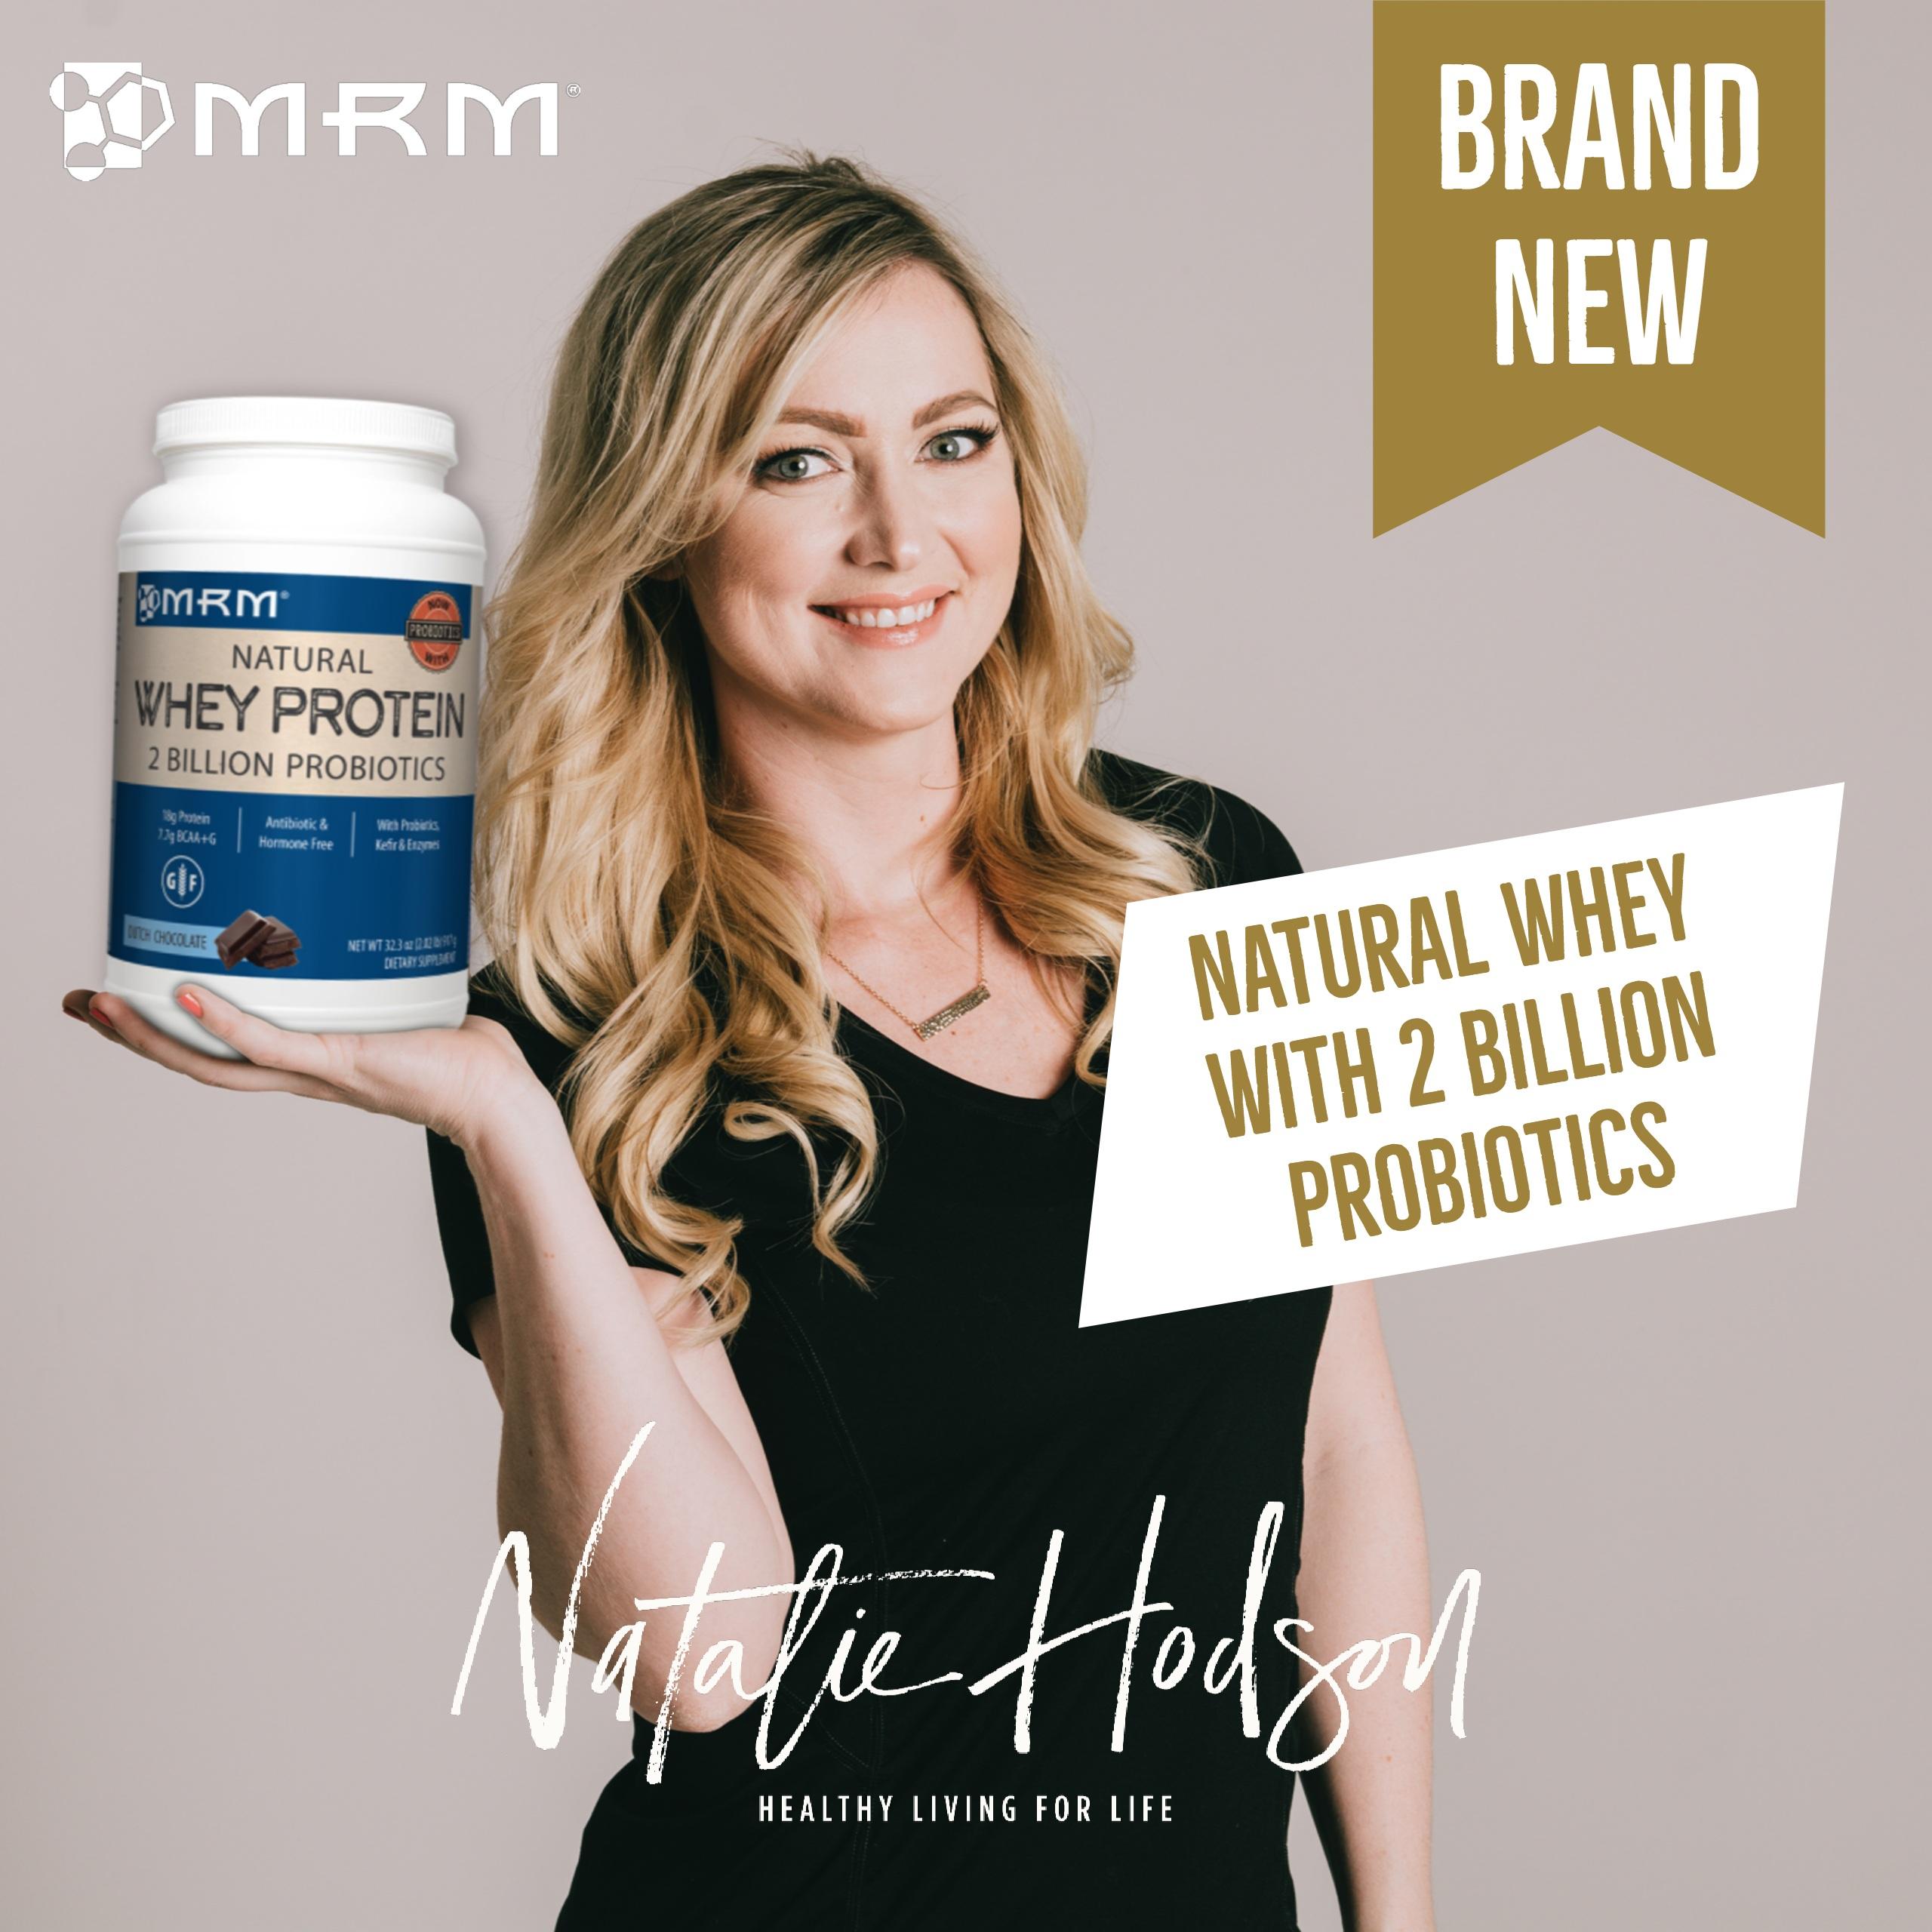 nat-new-whey (1)